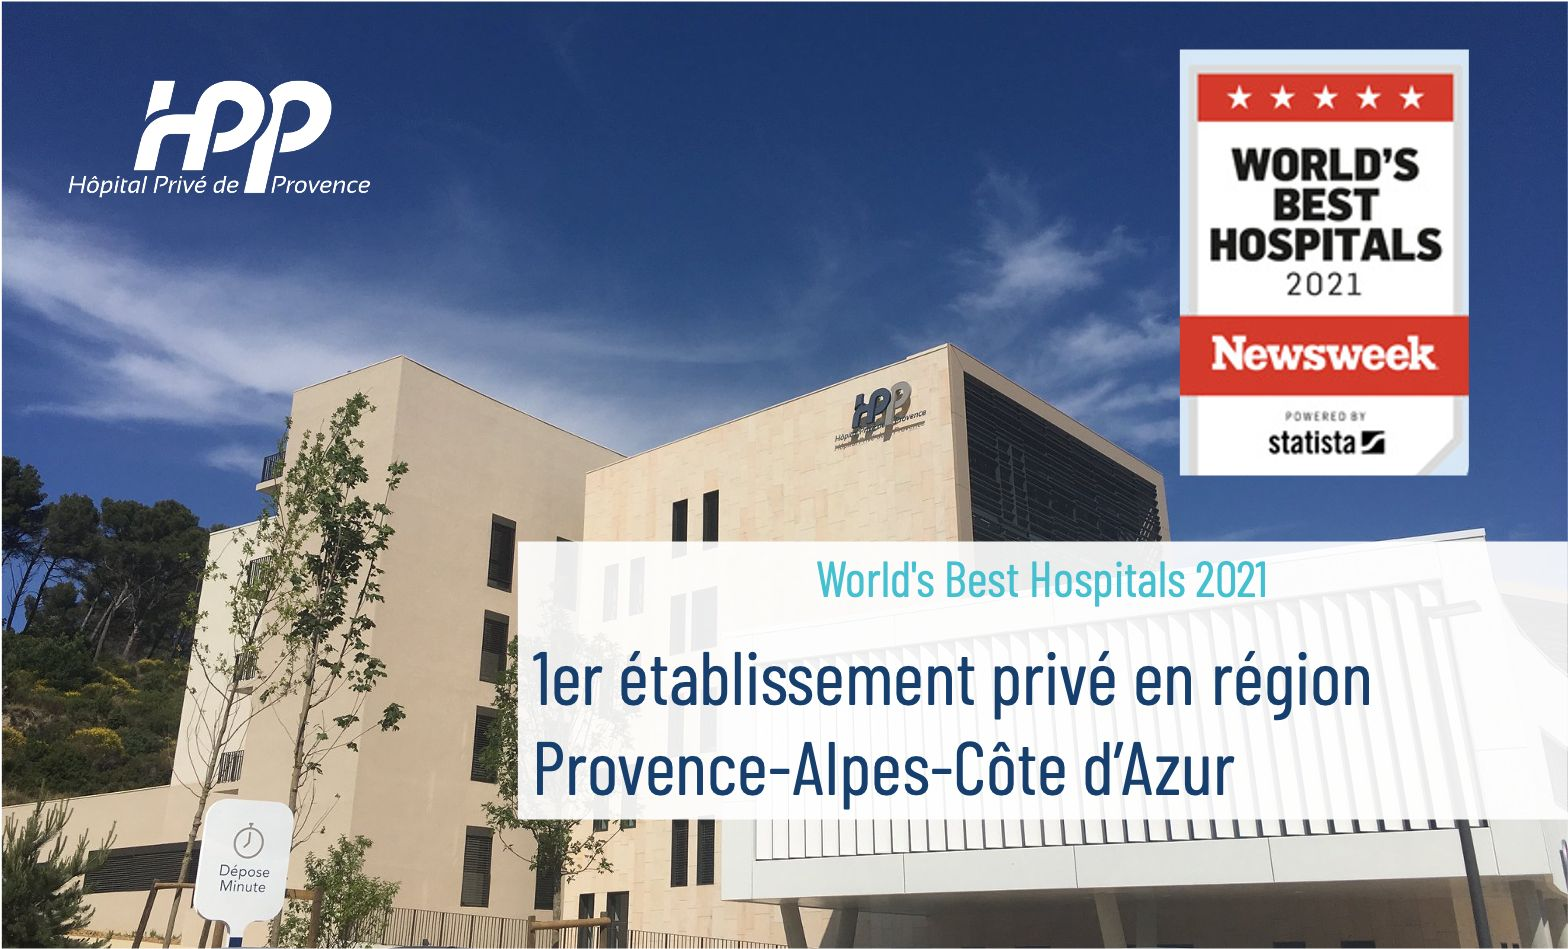 Utilisateur de nos solutions, l'Hôpital de Provence est classé dans le palmarès des 200 meilleurs hôpitaux du monde par Newsweek !